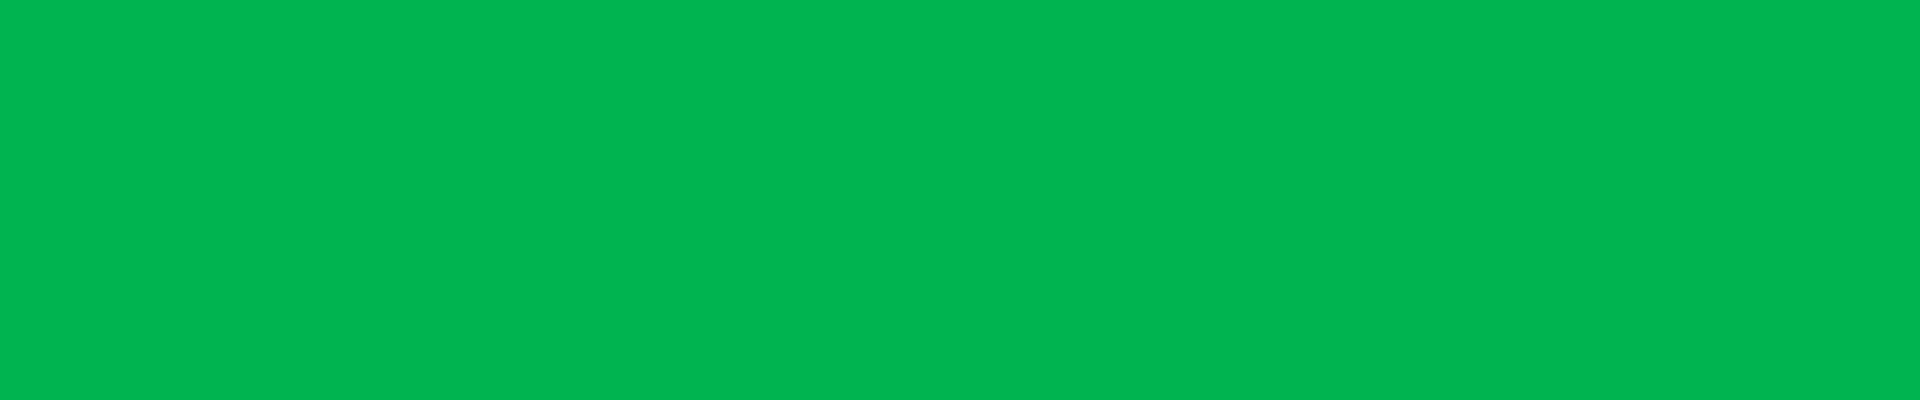 back verde